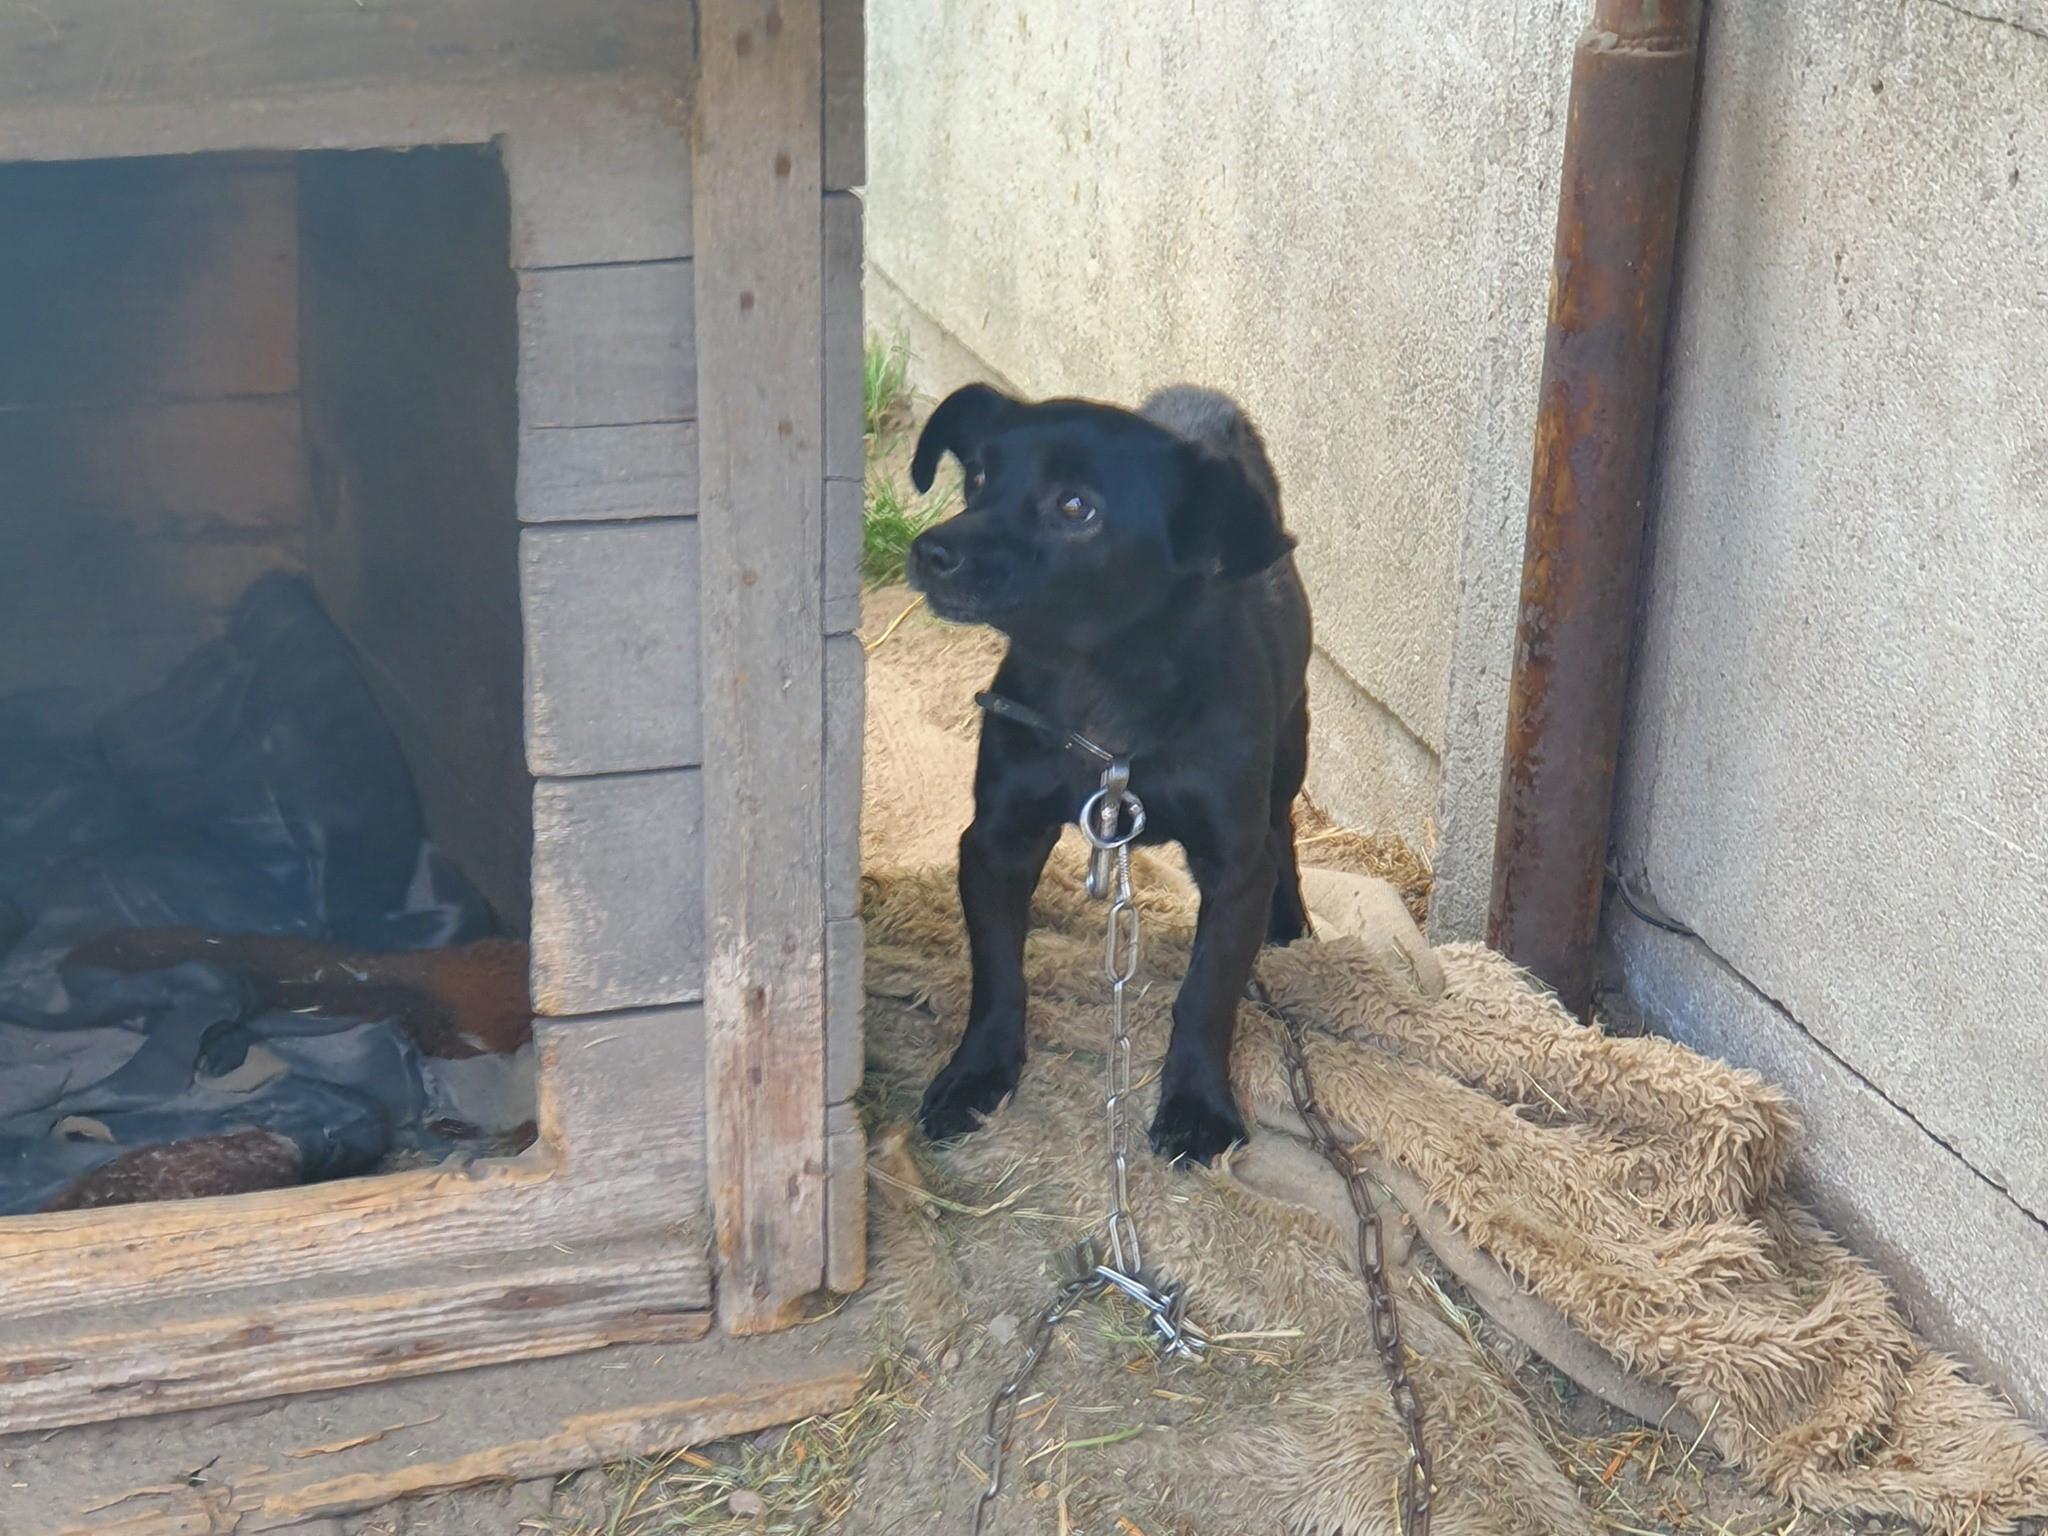 zoofil sośnica - Kaliskie Stowarzyszenie Pomocy Dla Zwierząt Help Animals